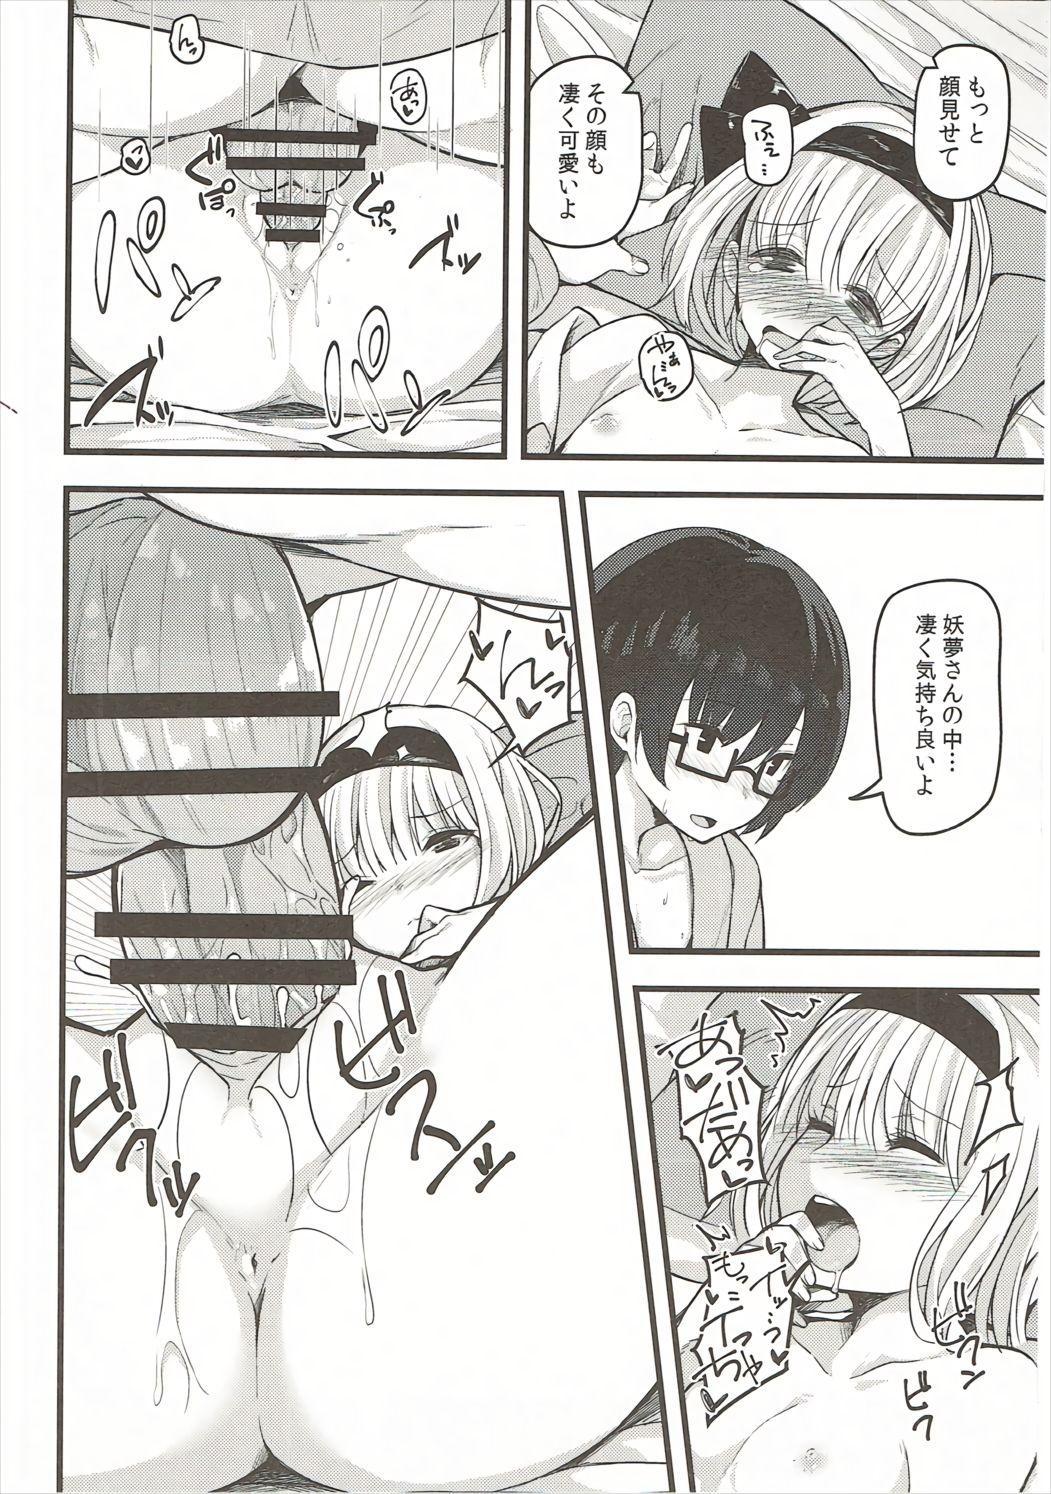 Hontou no Kimochi 2 10